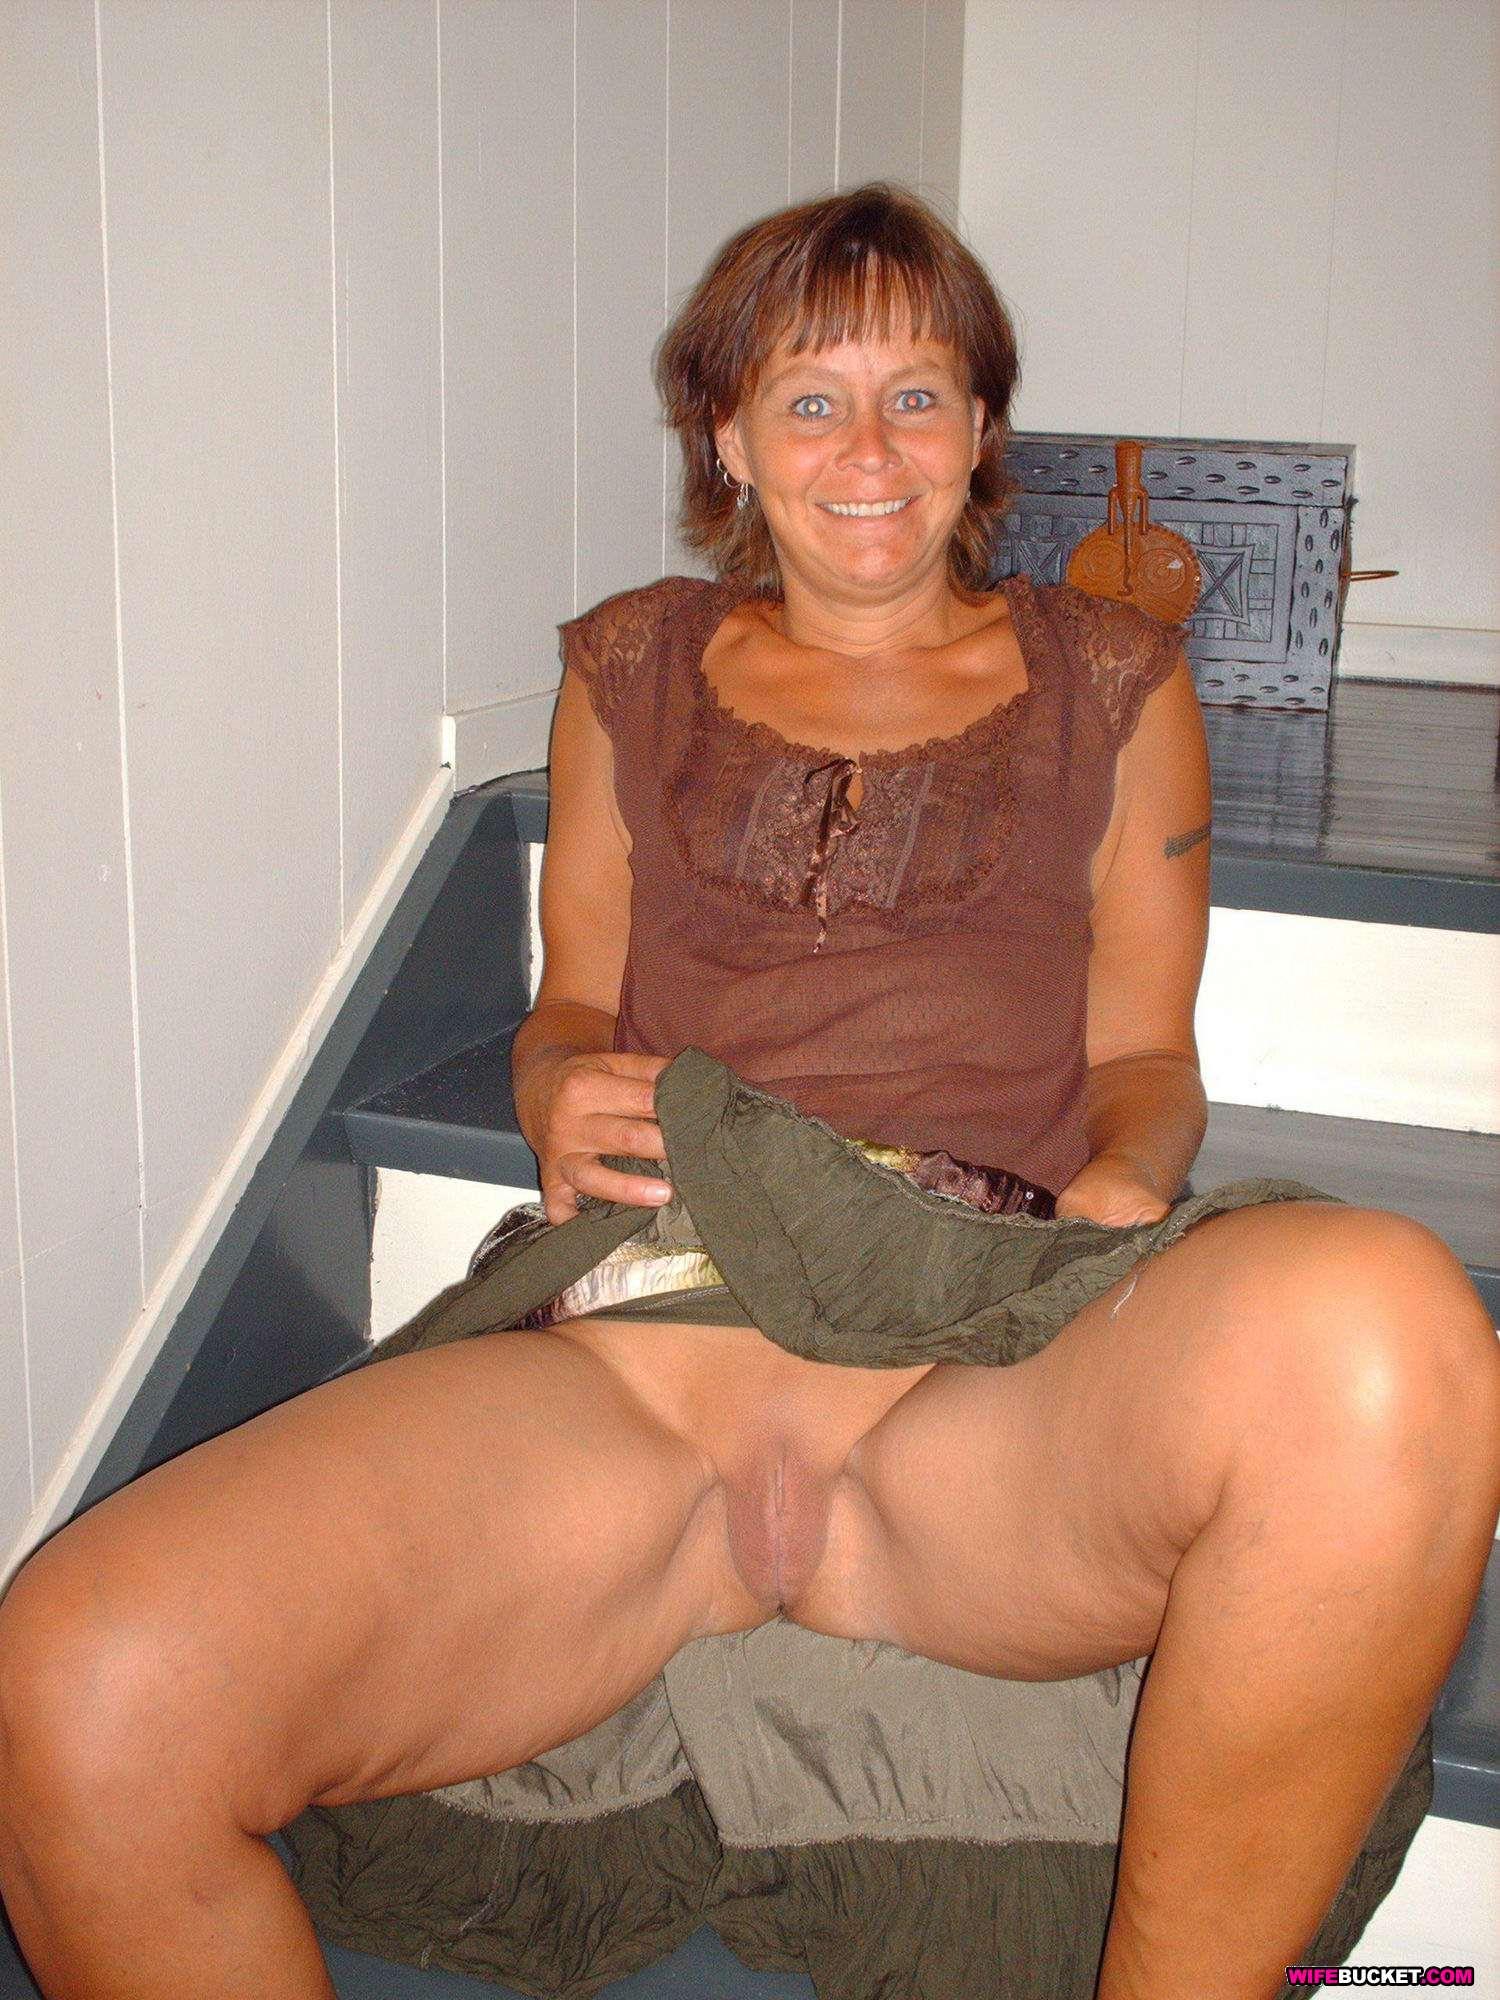 topless wife tumblr